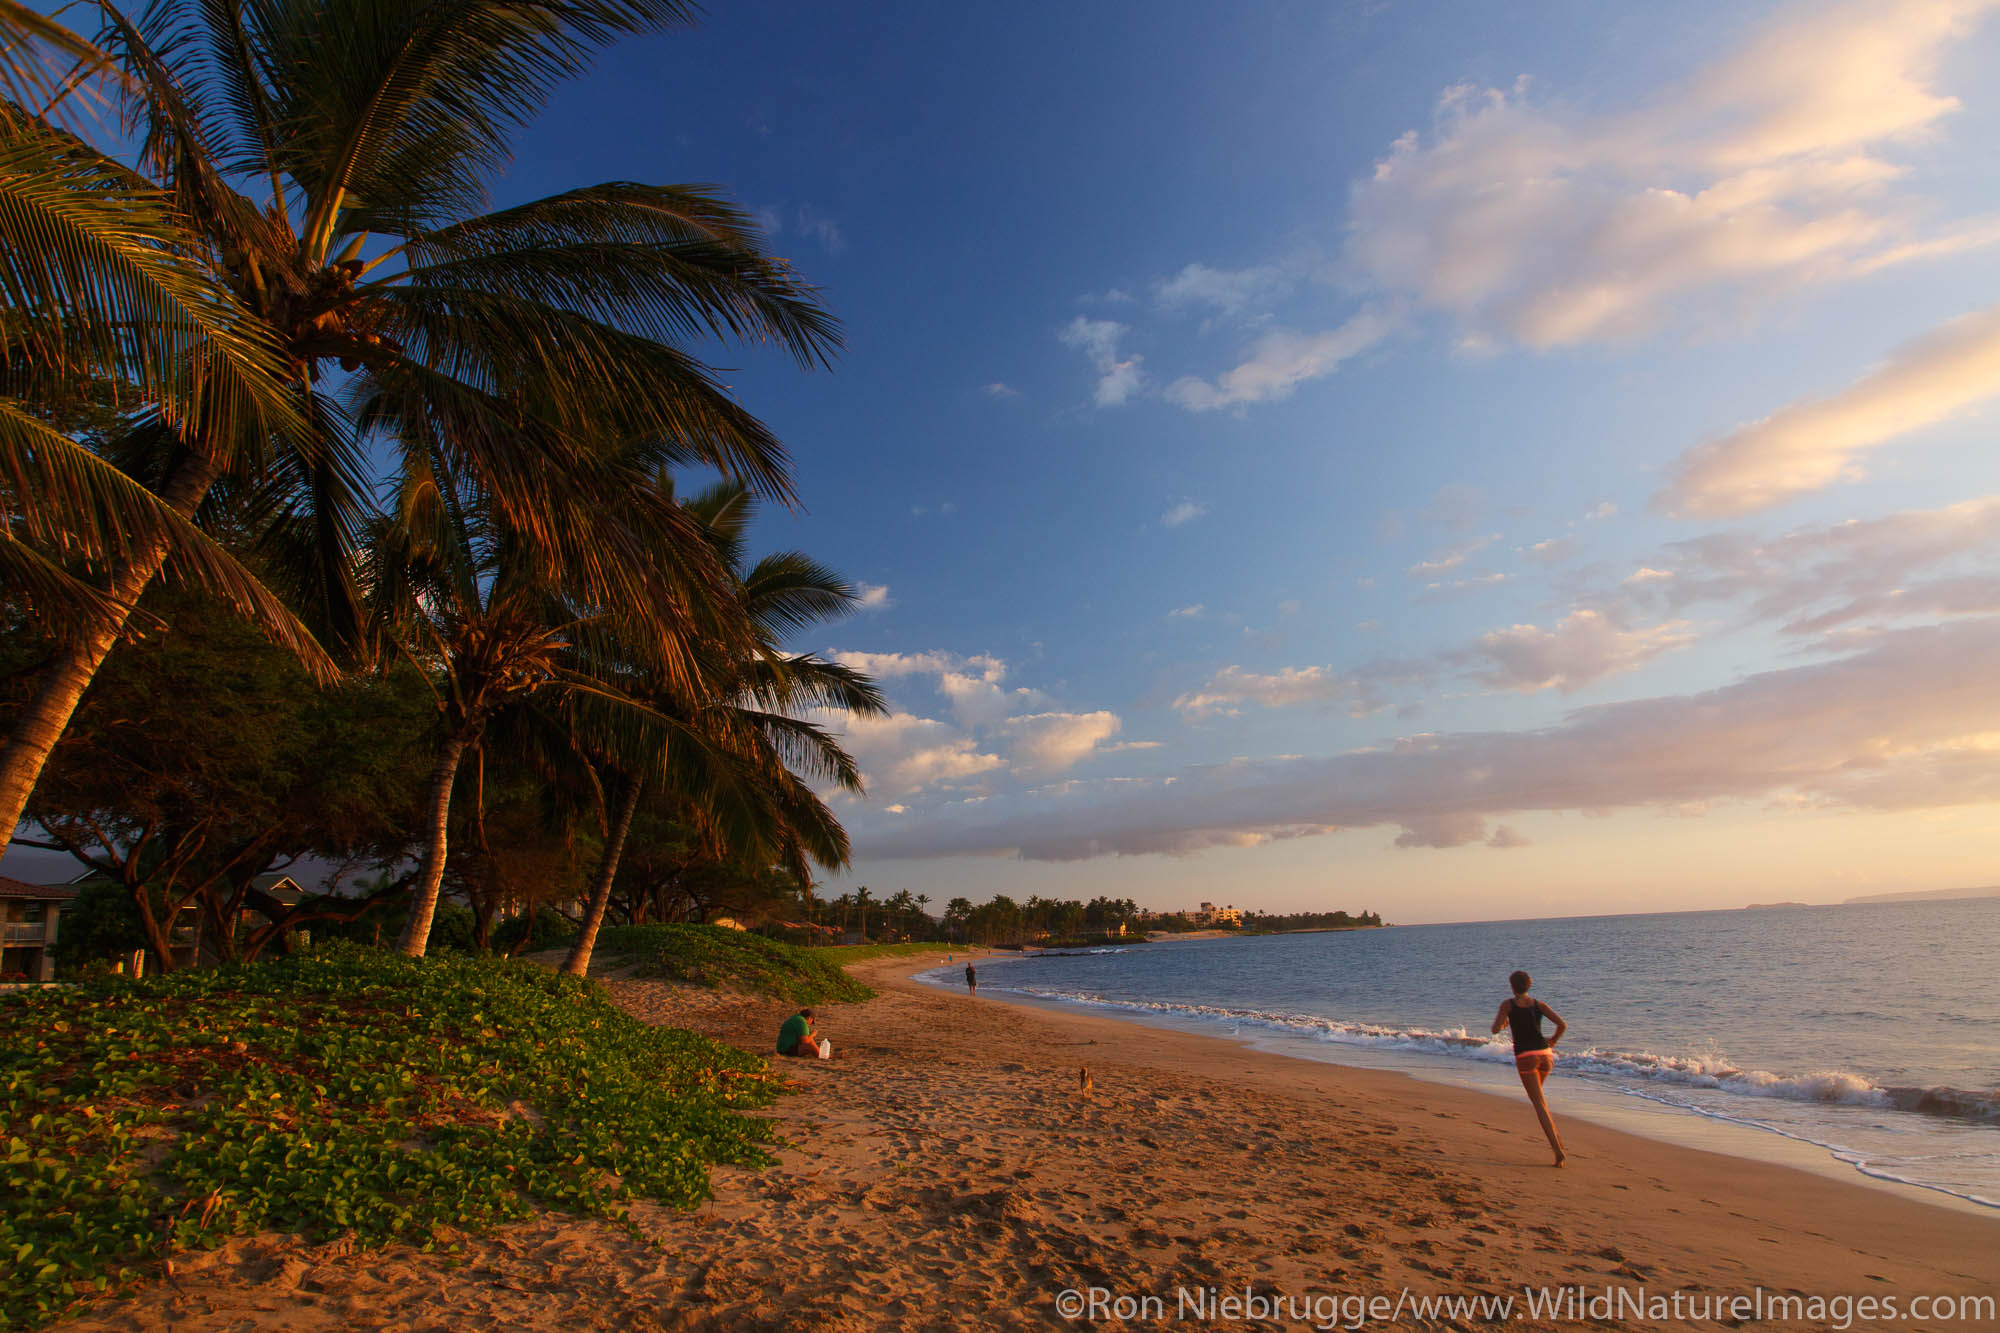 Sunset from Mai Poina 'Oe La'u Beach Park, Maui, Hawaii.Maui, Hawaii.